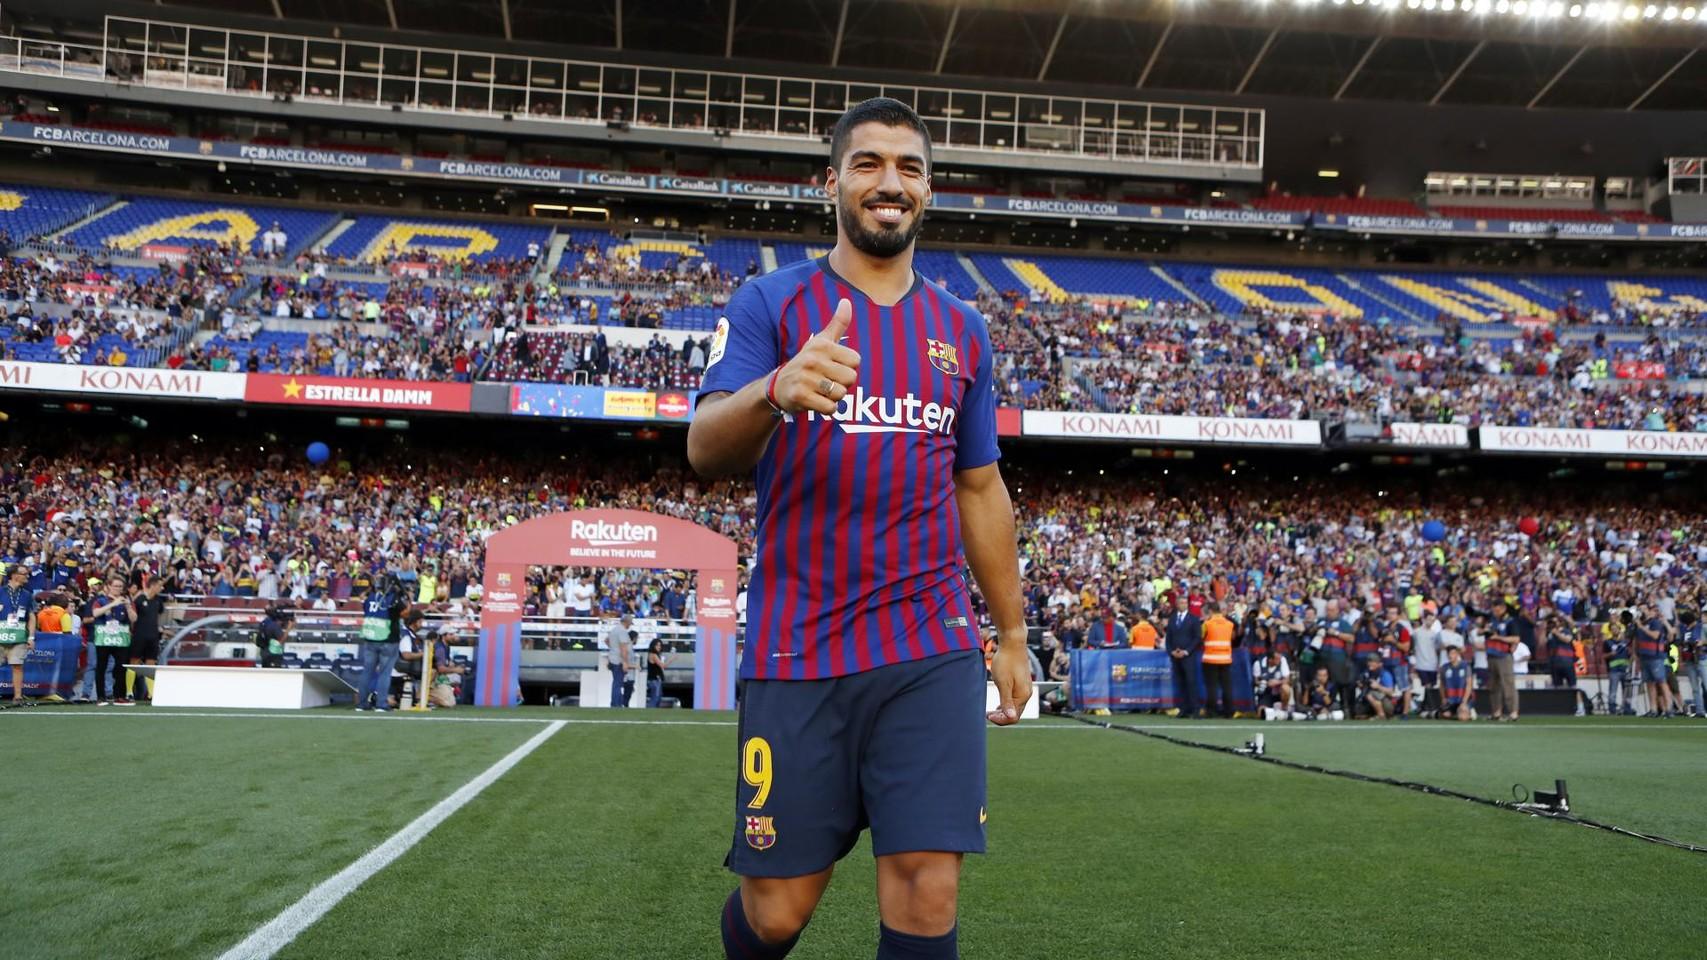 صور مباراة : برشلونة - بوكا جونيورز ( 16-08-2018 )  95973796